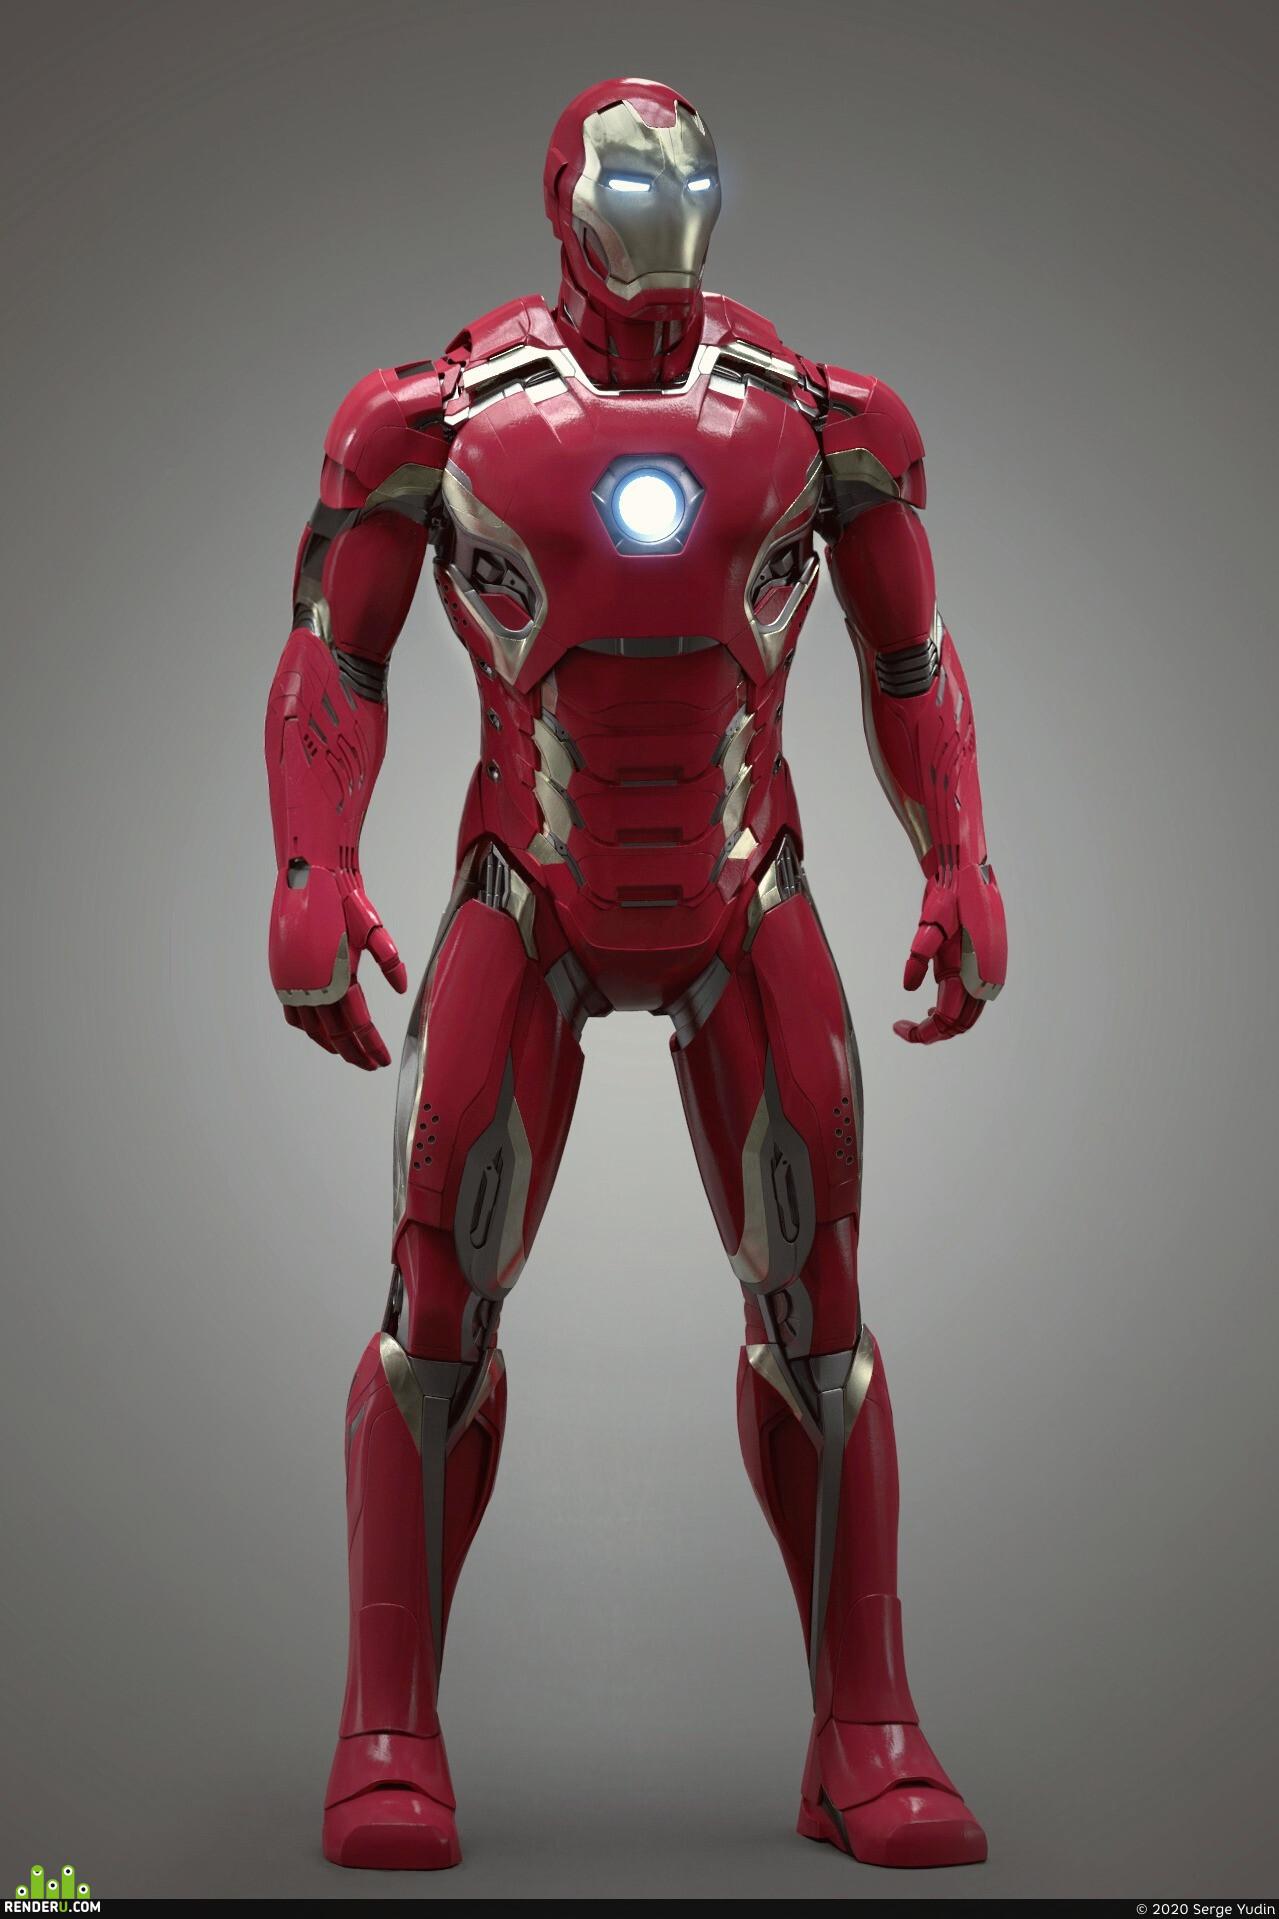 iron man, tony stark, Character, Marvel